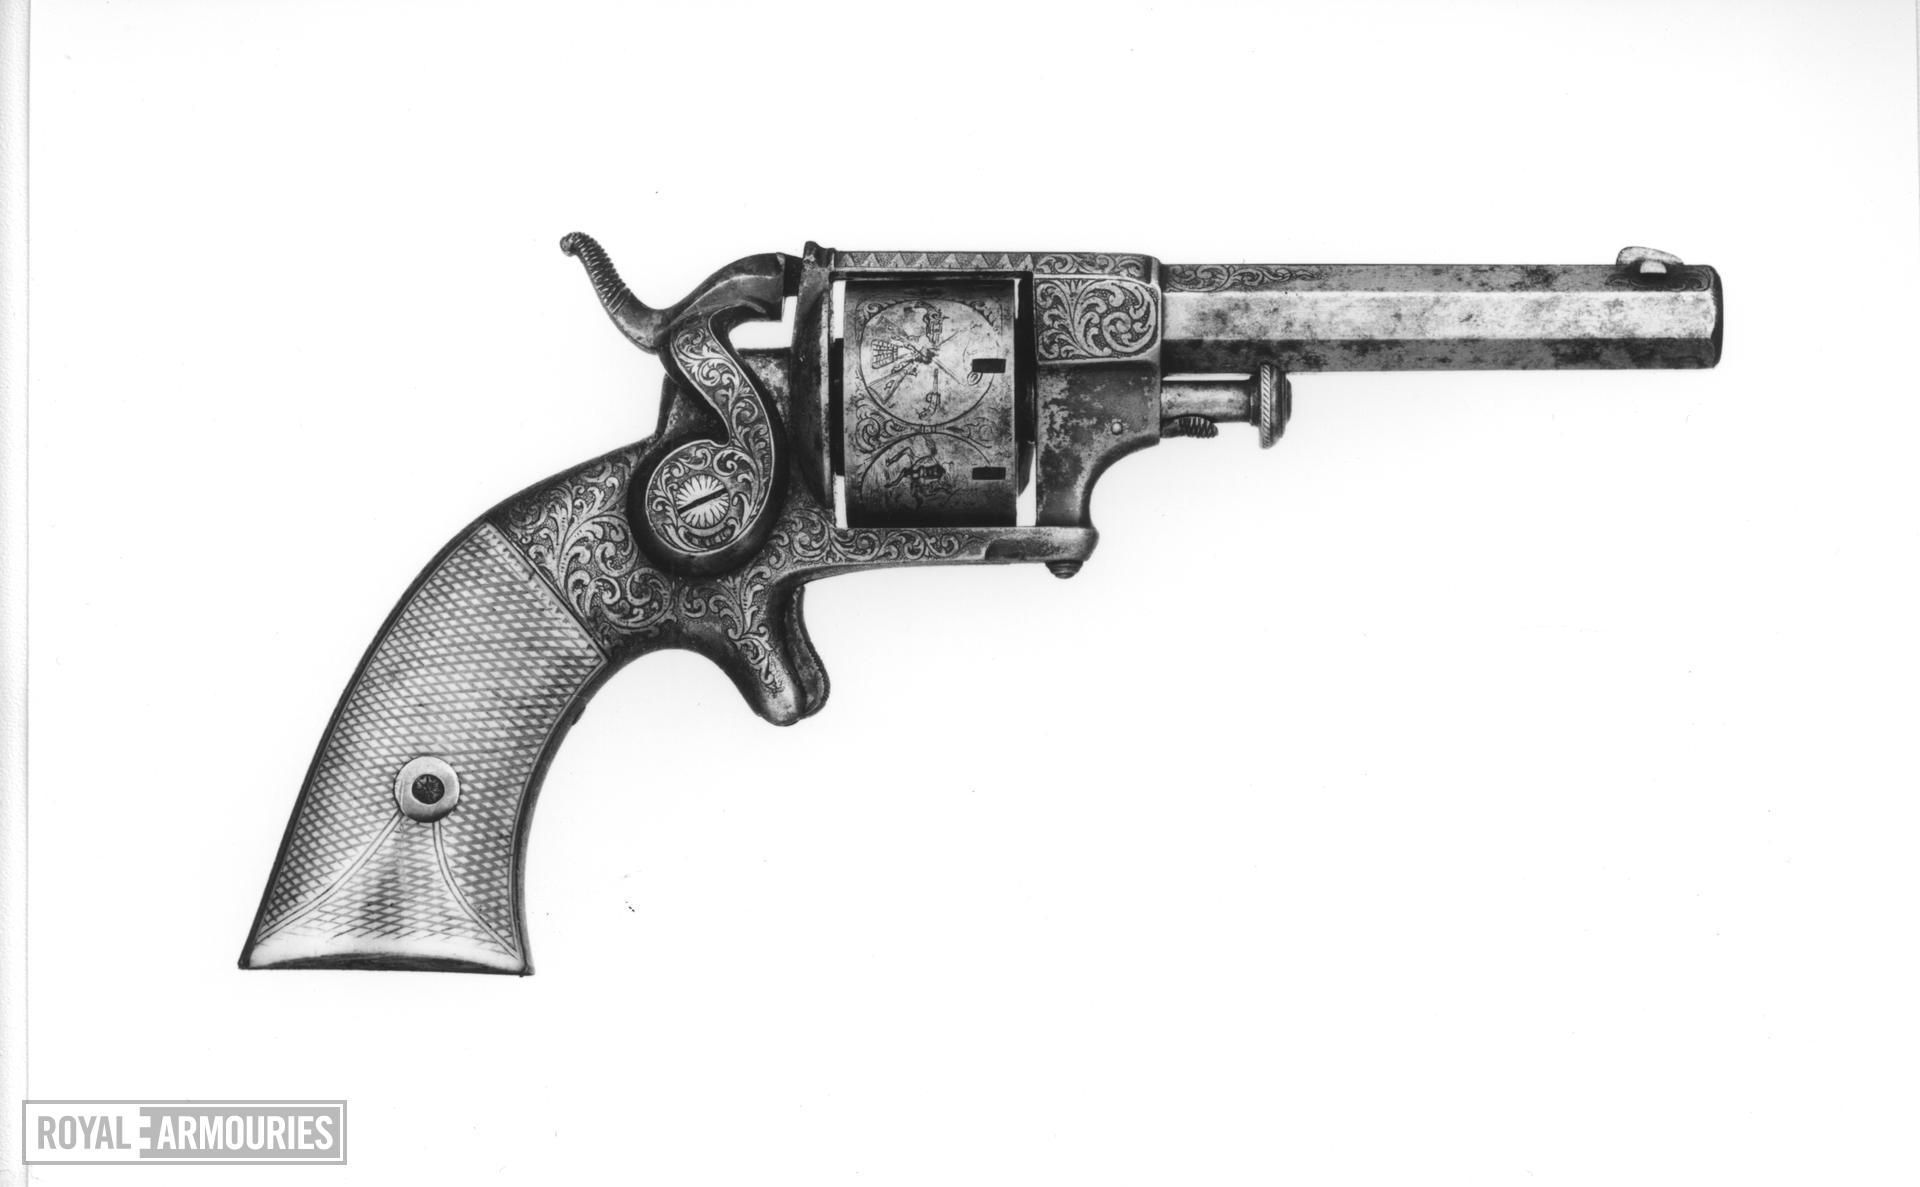 Rimfire seven-shot revolver - Allen Pattern 1858 By Allen & Wheelock